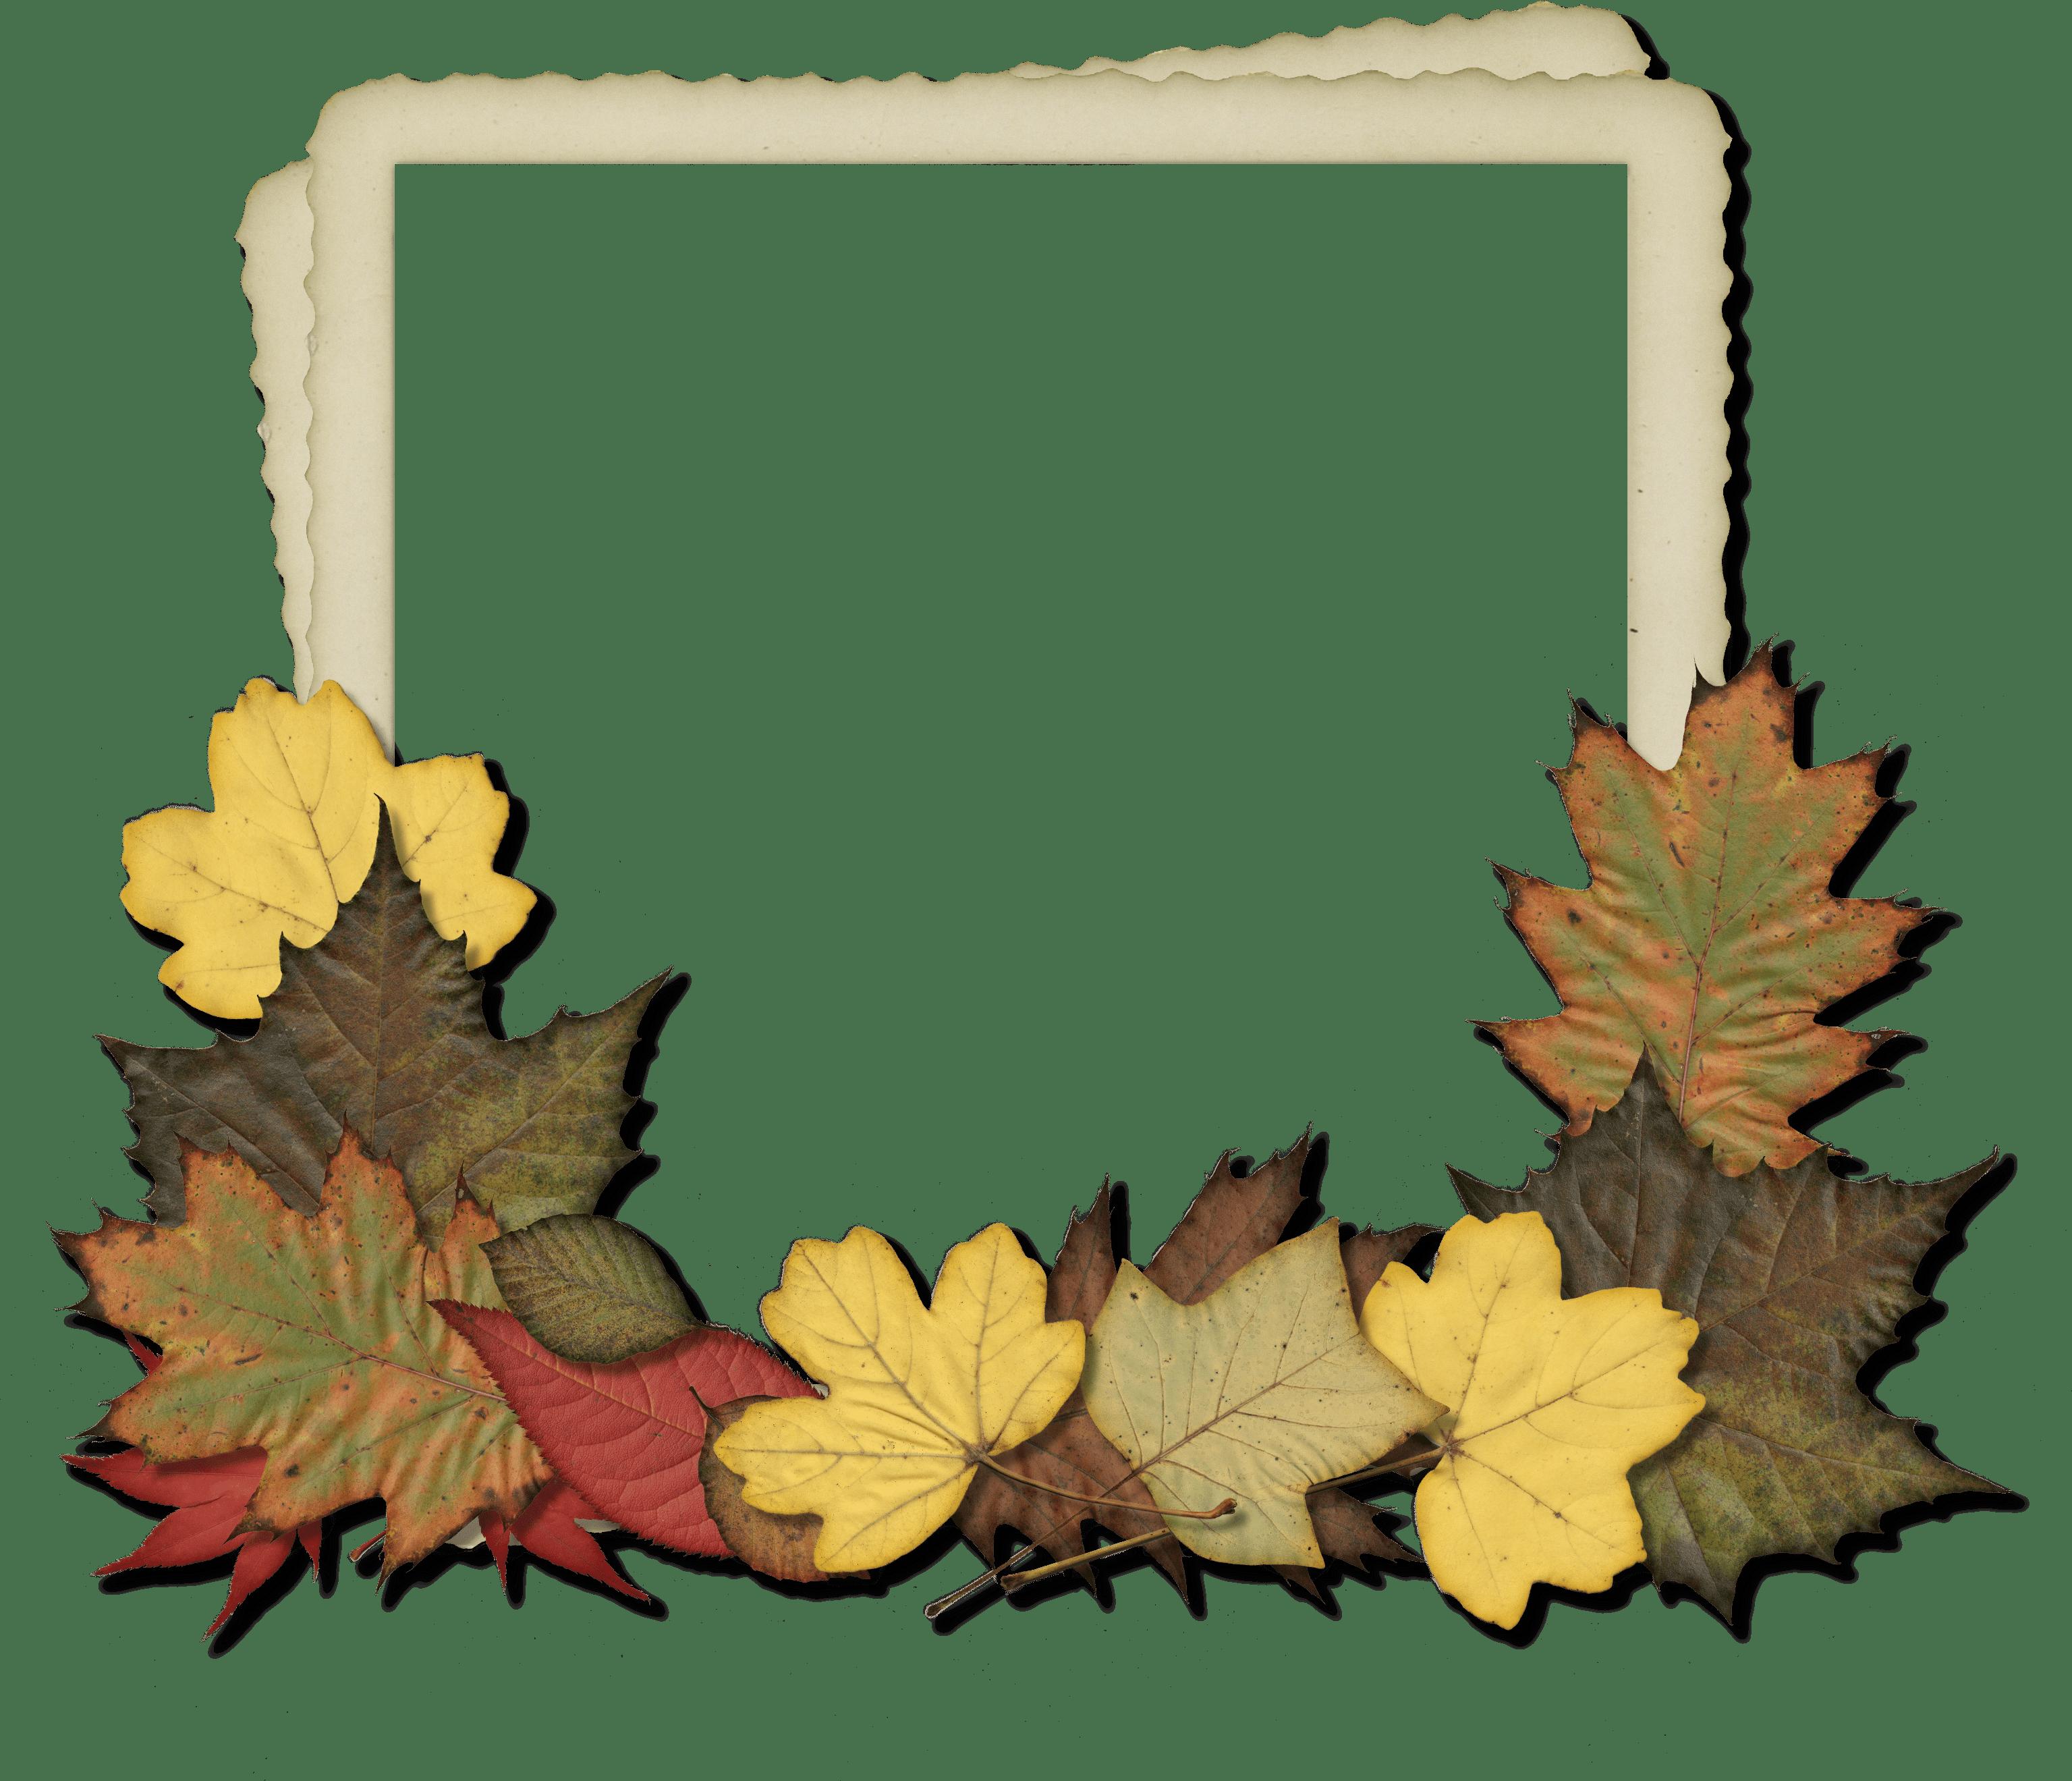 Freebie cu leaves hg. Fall frame png